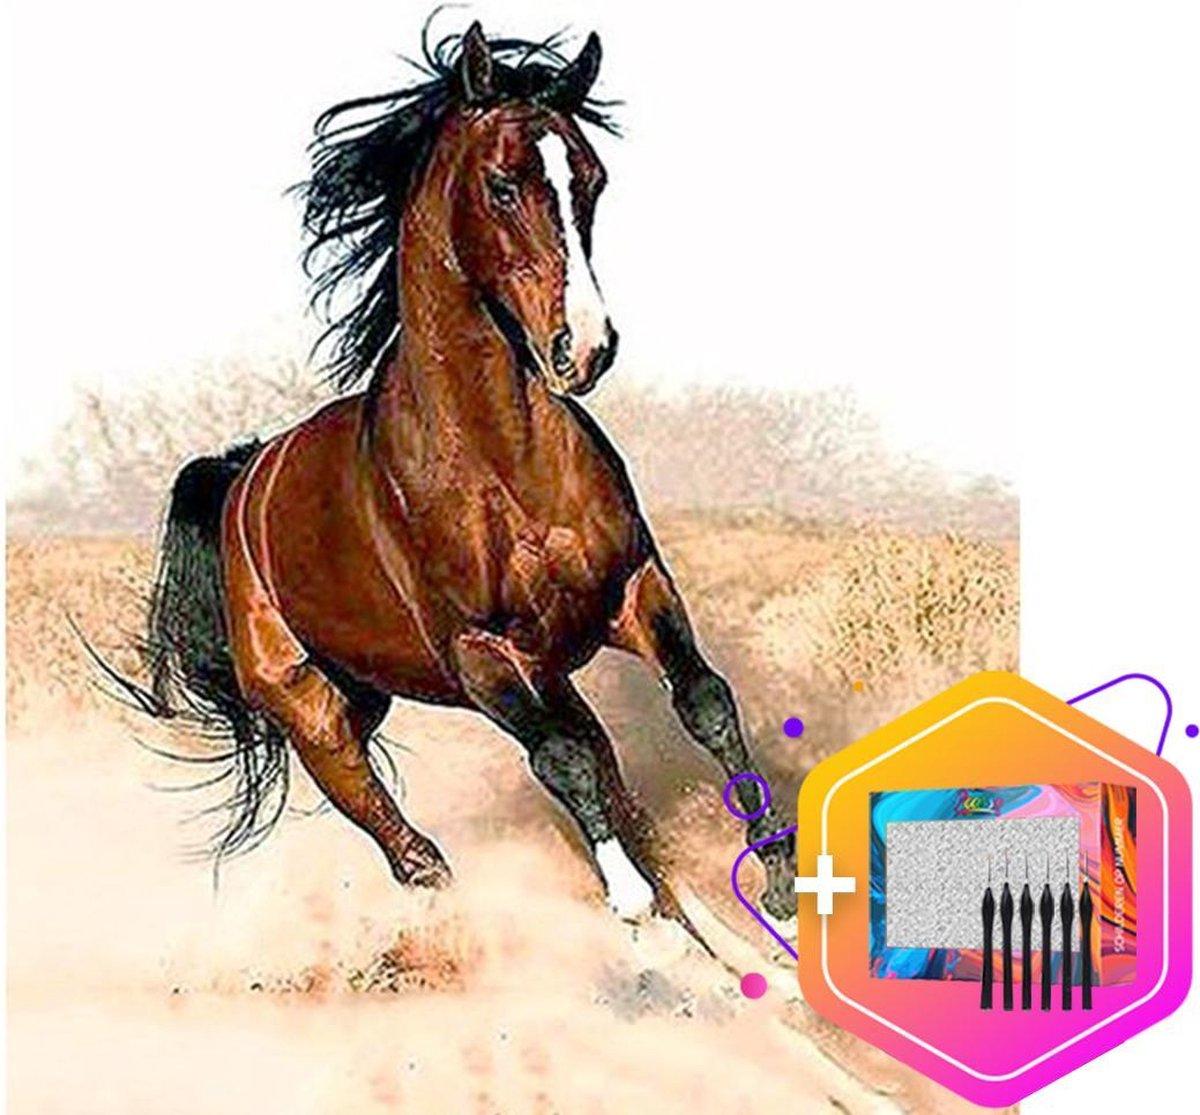 Pcasso ® Paard - Schilderen Op Nummer - Incl. 6 Ergonomische Penselen En Geschenkverpakking - Schilderen Op Nummer Paard - Schilderen Op Nummer Dieren Schilderen Op Nummer Volwassenen - Canvas Schilderdoek - Kleuren Op Nummer - 40x50 cm